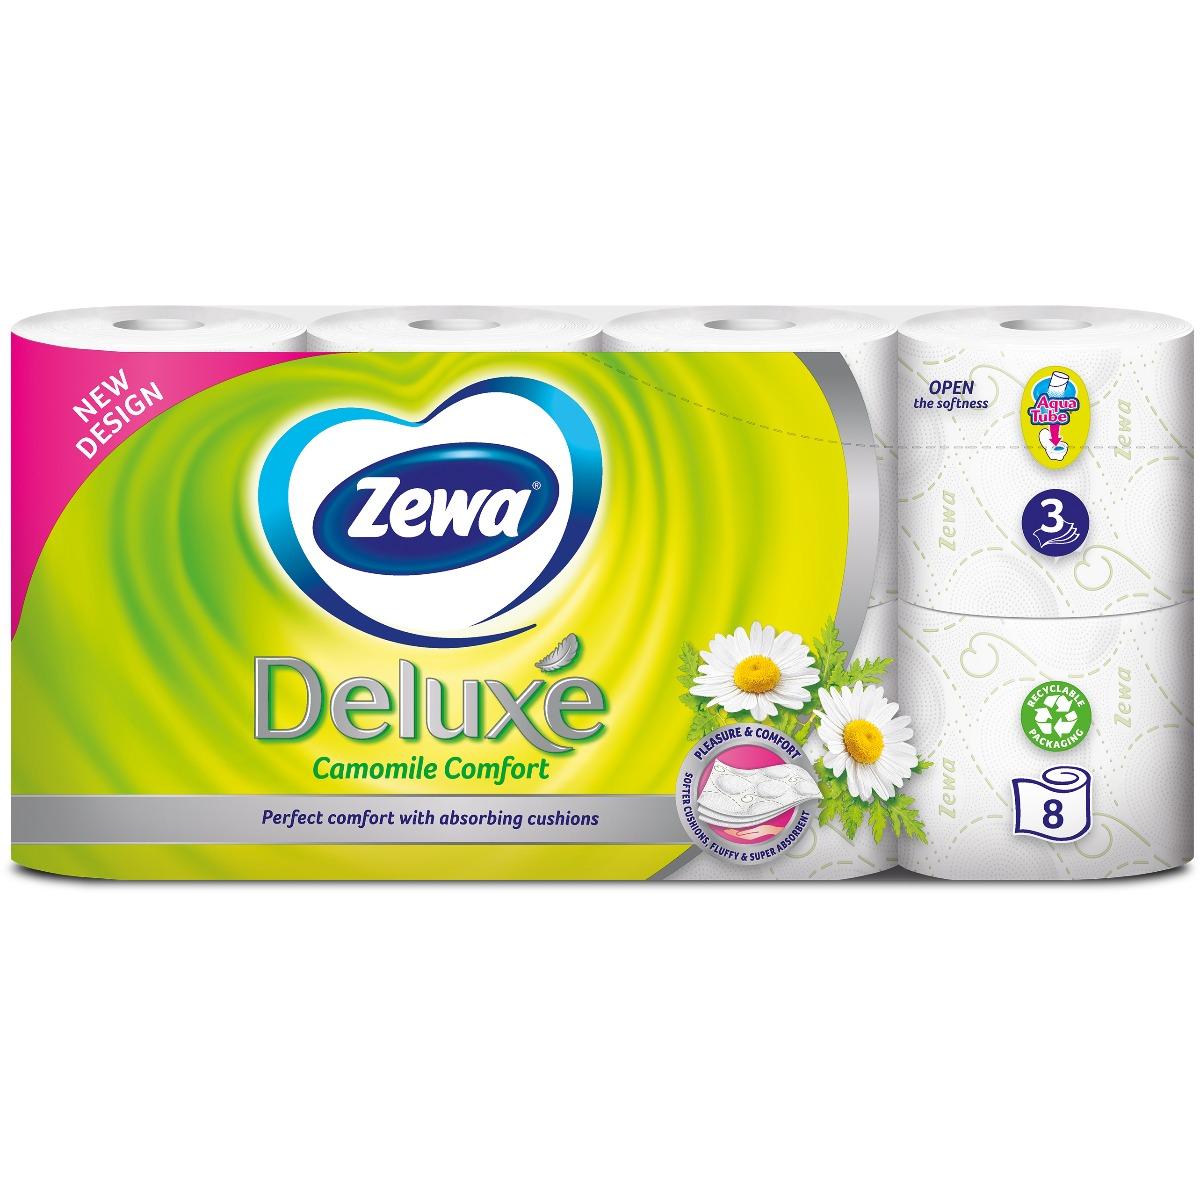 Hartie igienica Zewa Deluxe Camomile Comfort, 3 straturi, 8 role imagine